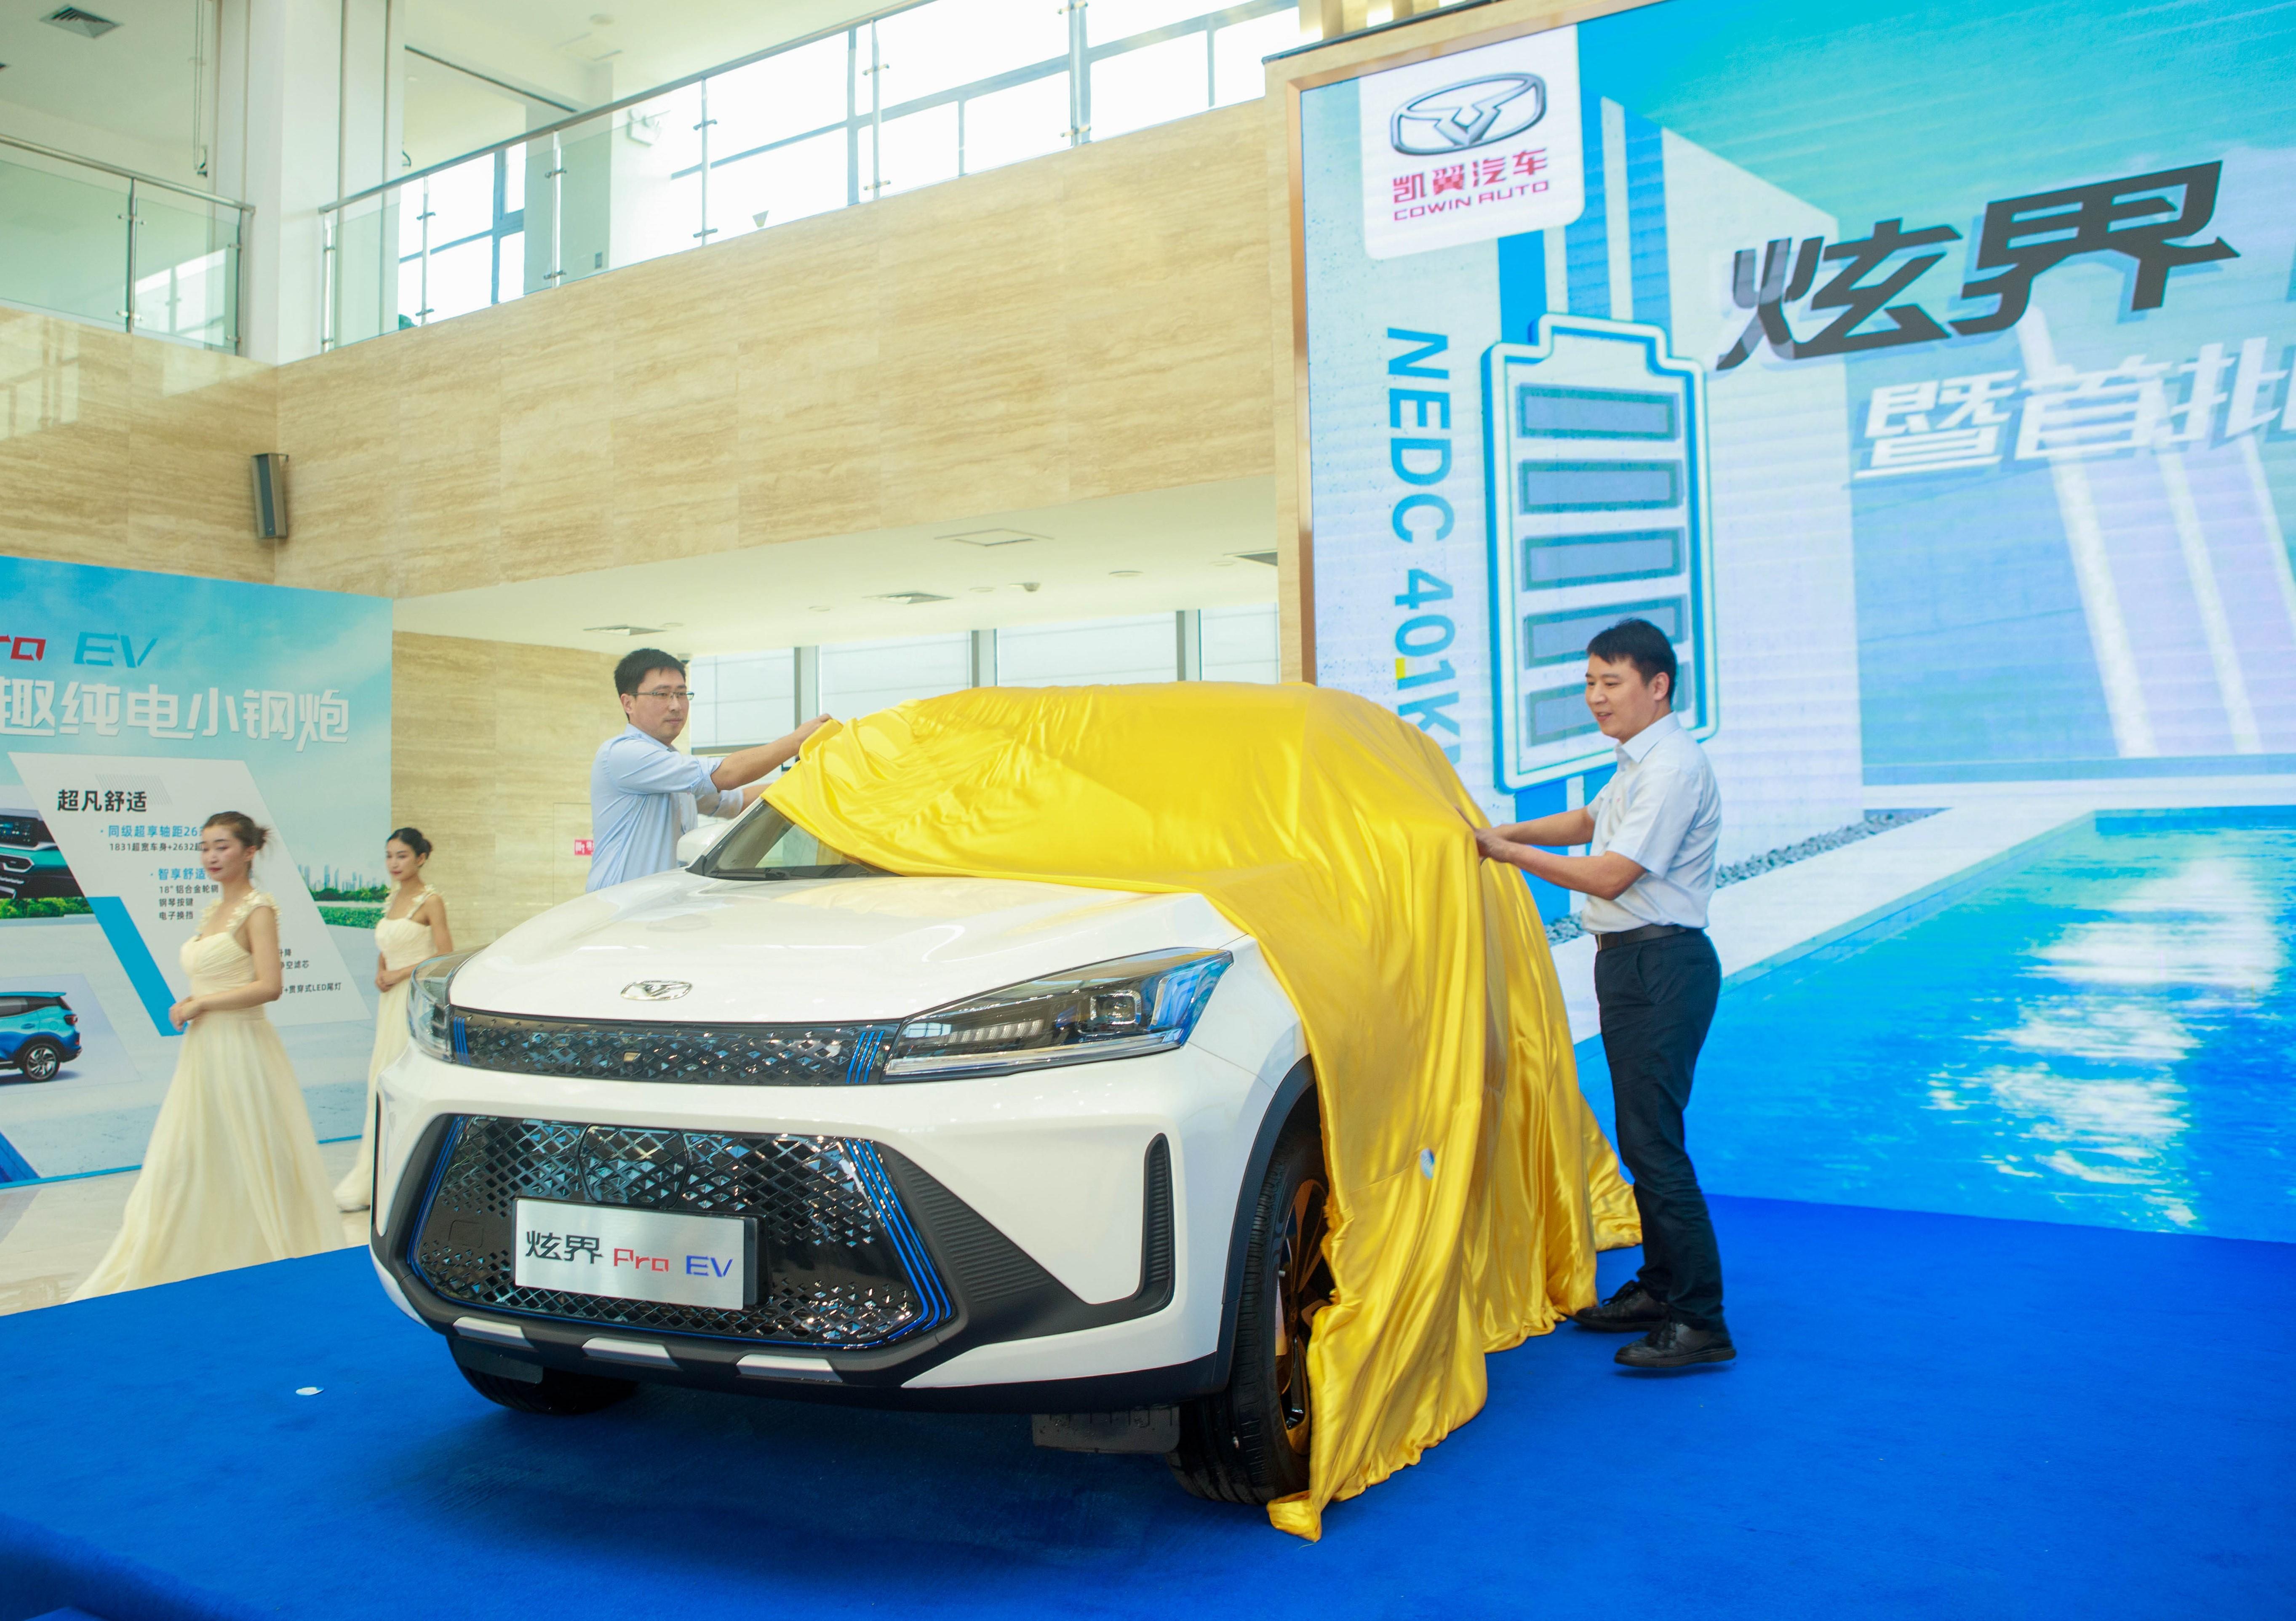 凯翼炫界Pro EV新能源车